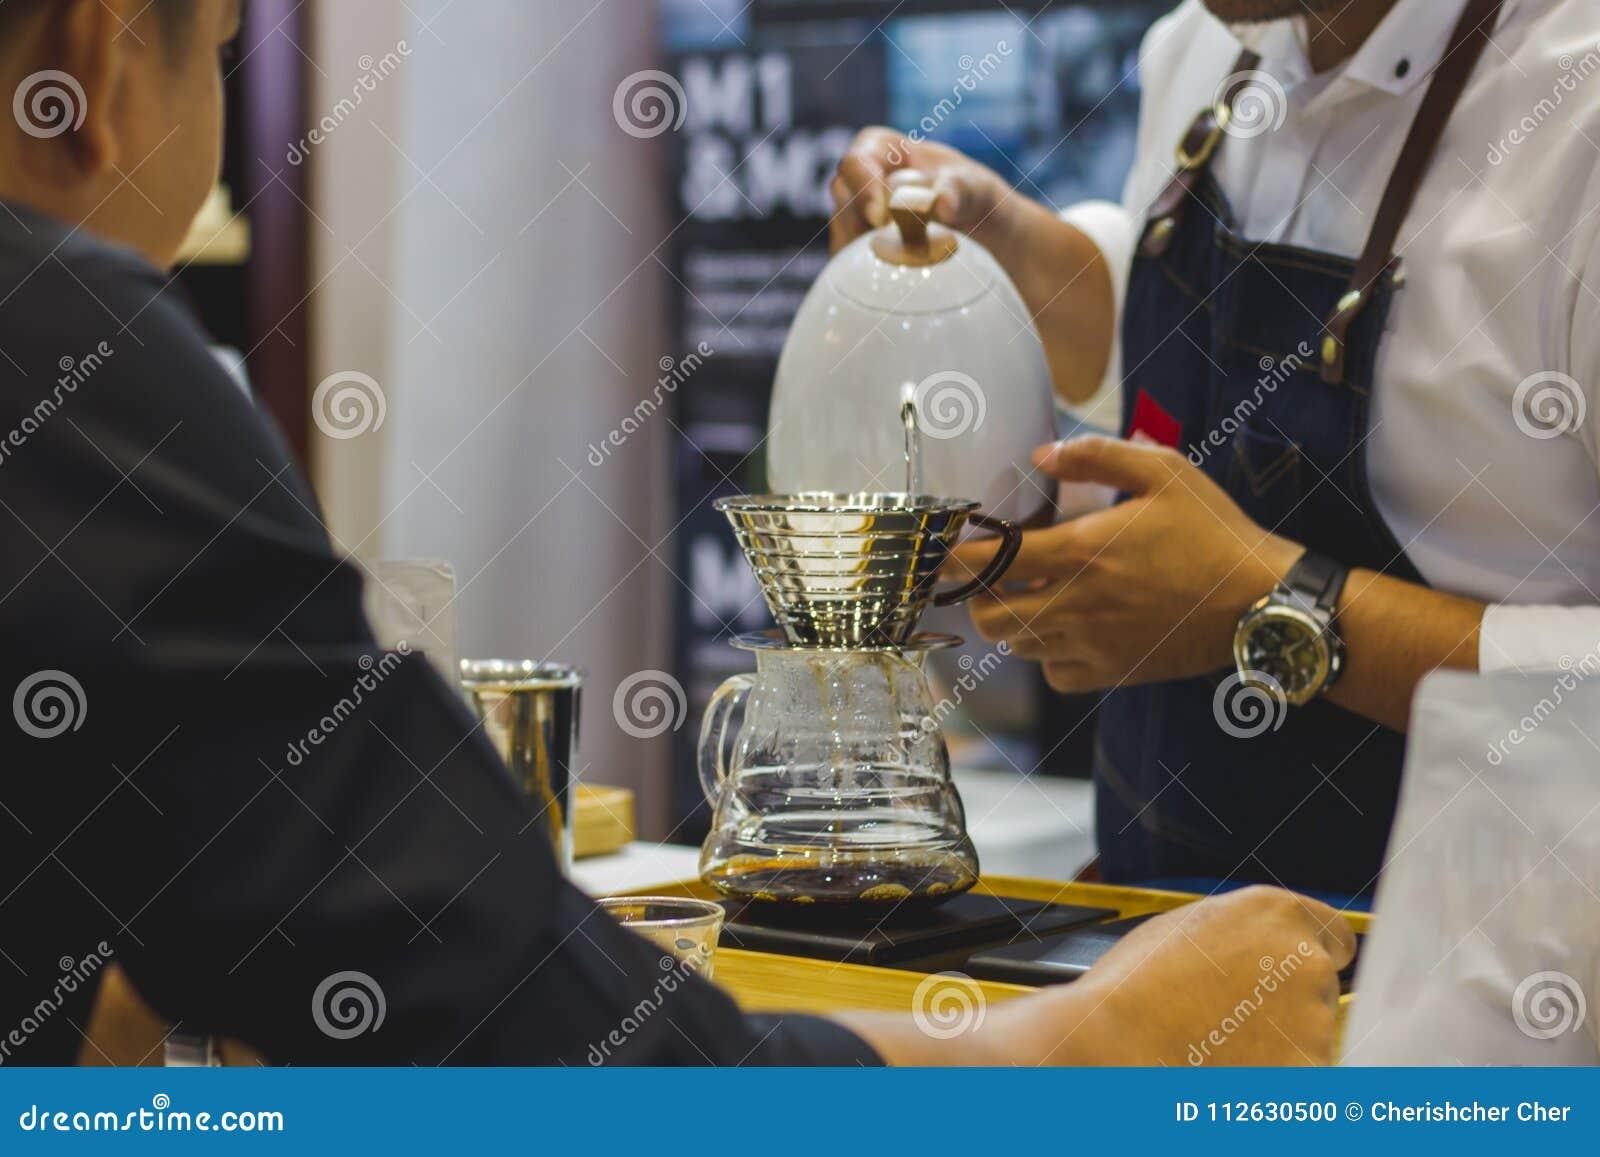 Barista делает кофе Для клиента в магазине